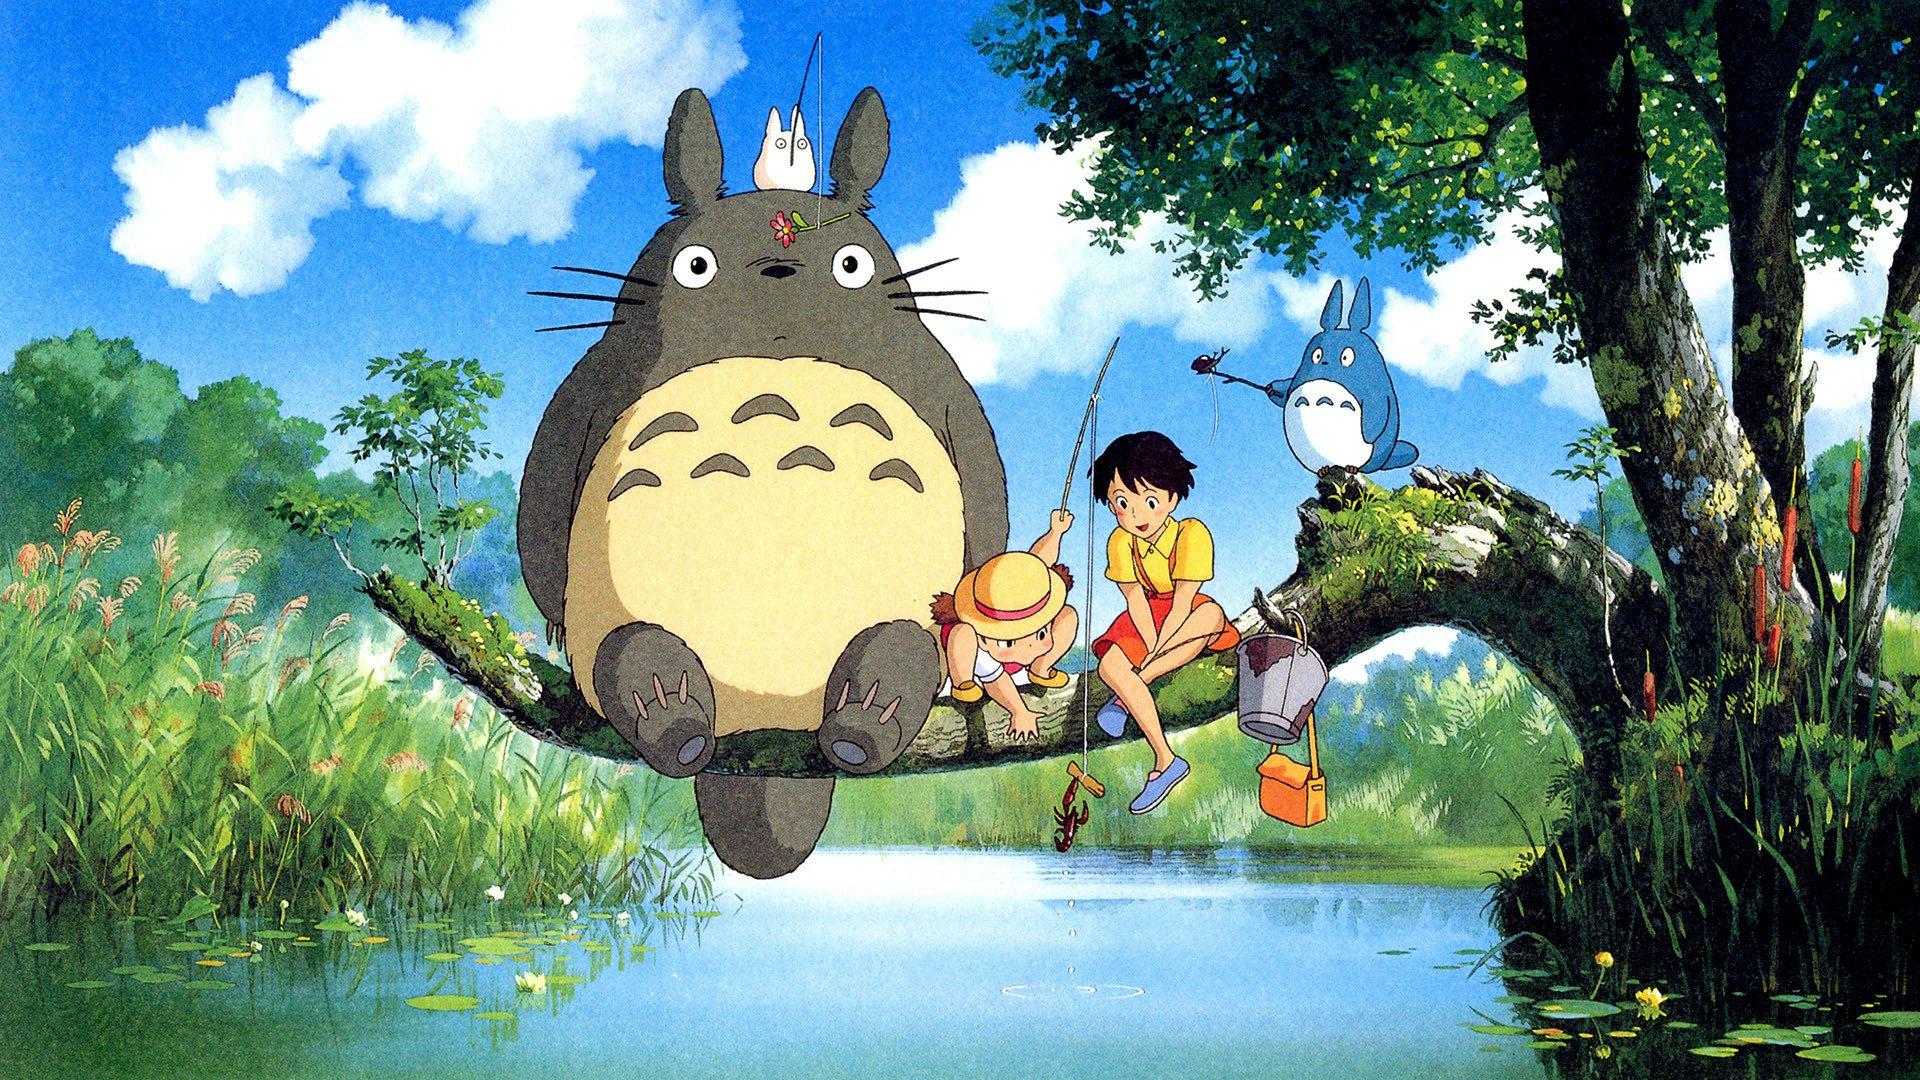 Phim anime hay Hàng xóm của tôi là Totoro